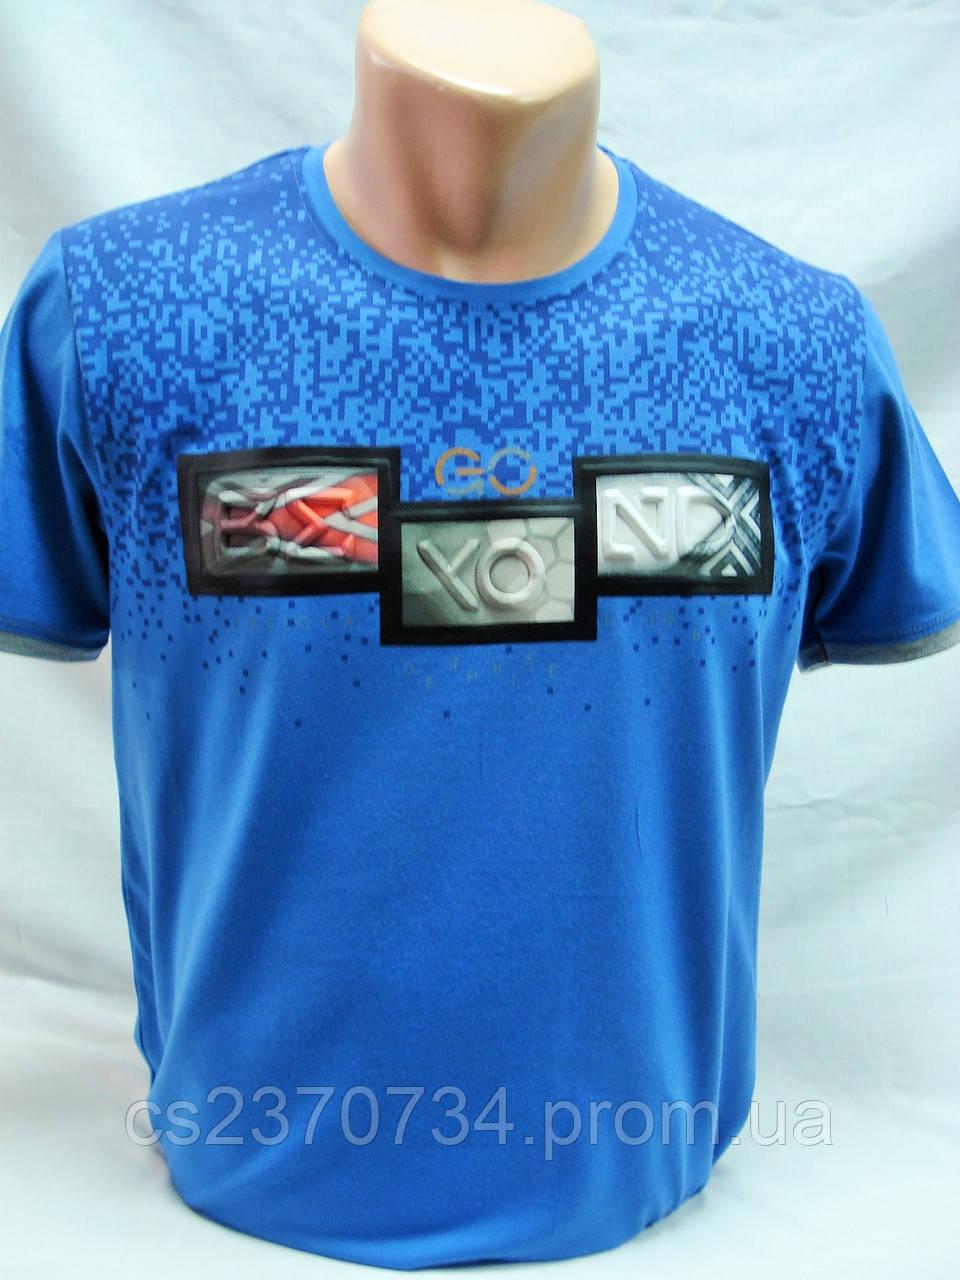 Футболка мужская SAVIOLA голубая с рисунком на груди (M,L,XL,2XL)